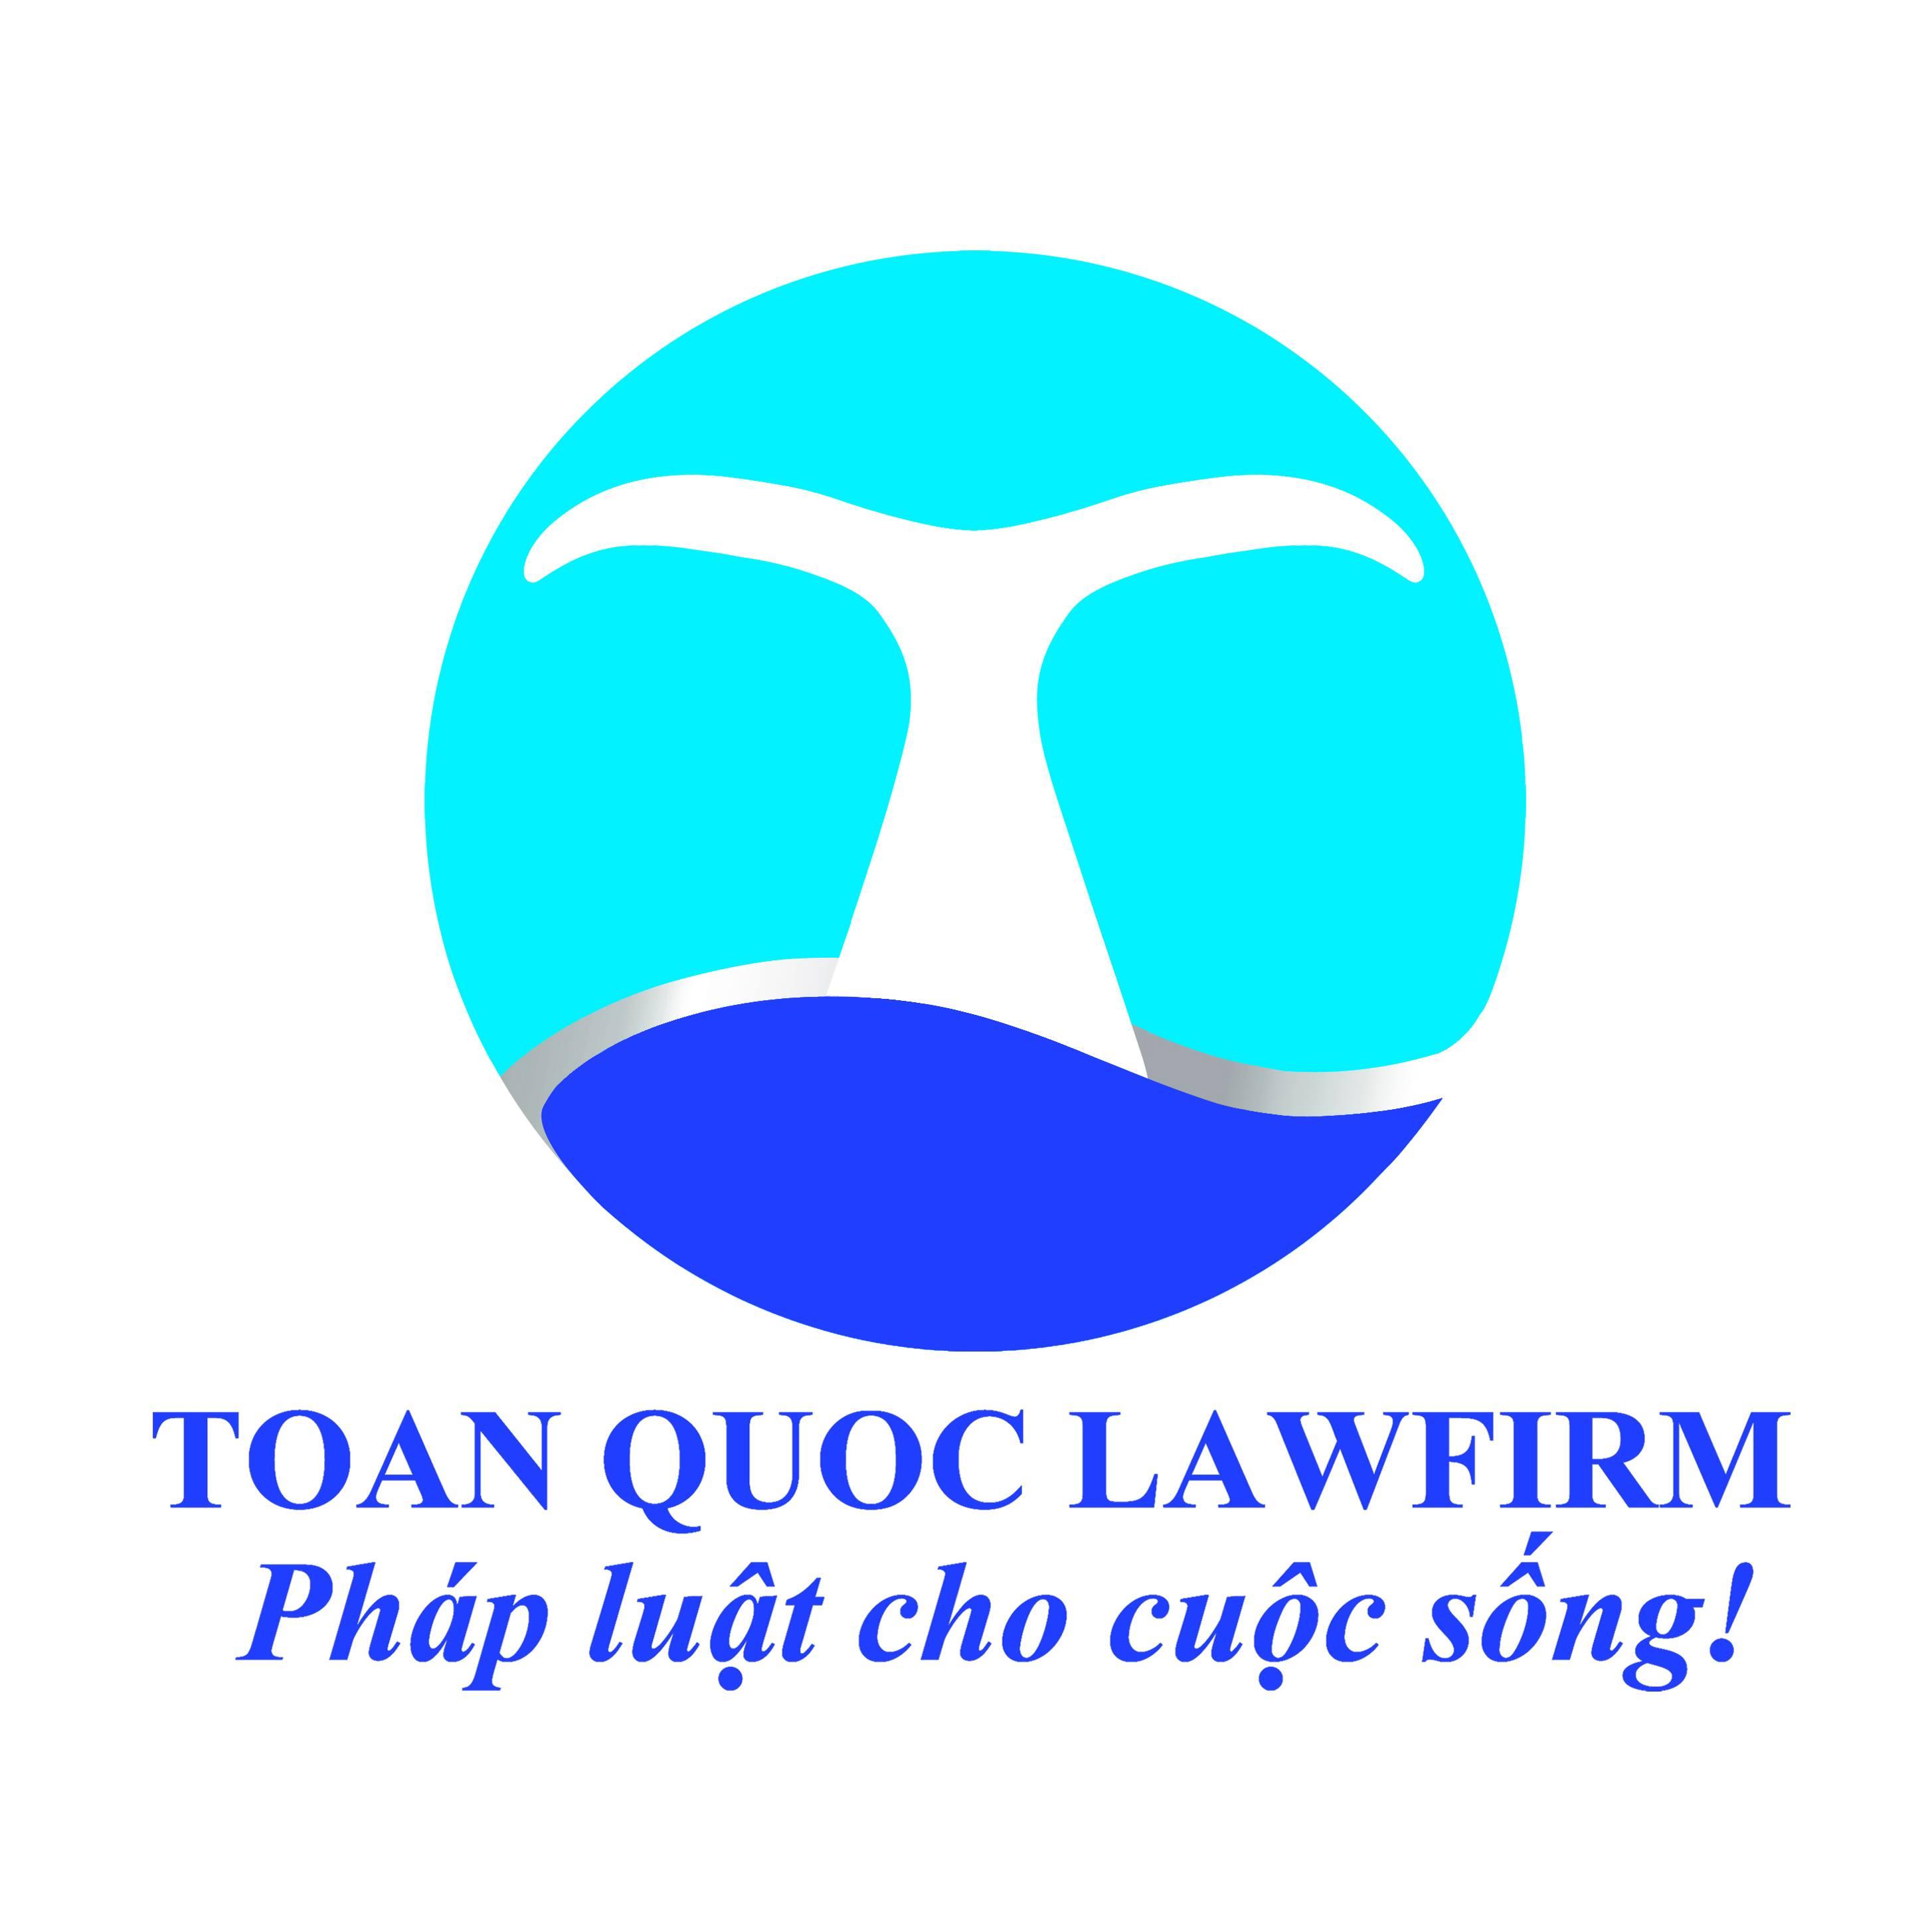 Quyết định4463/2014/QĐ-UBND tỉnh Thanh Hóa